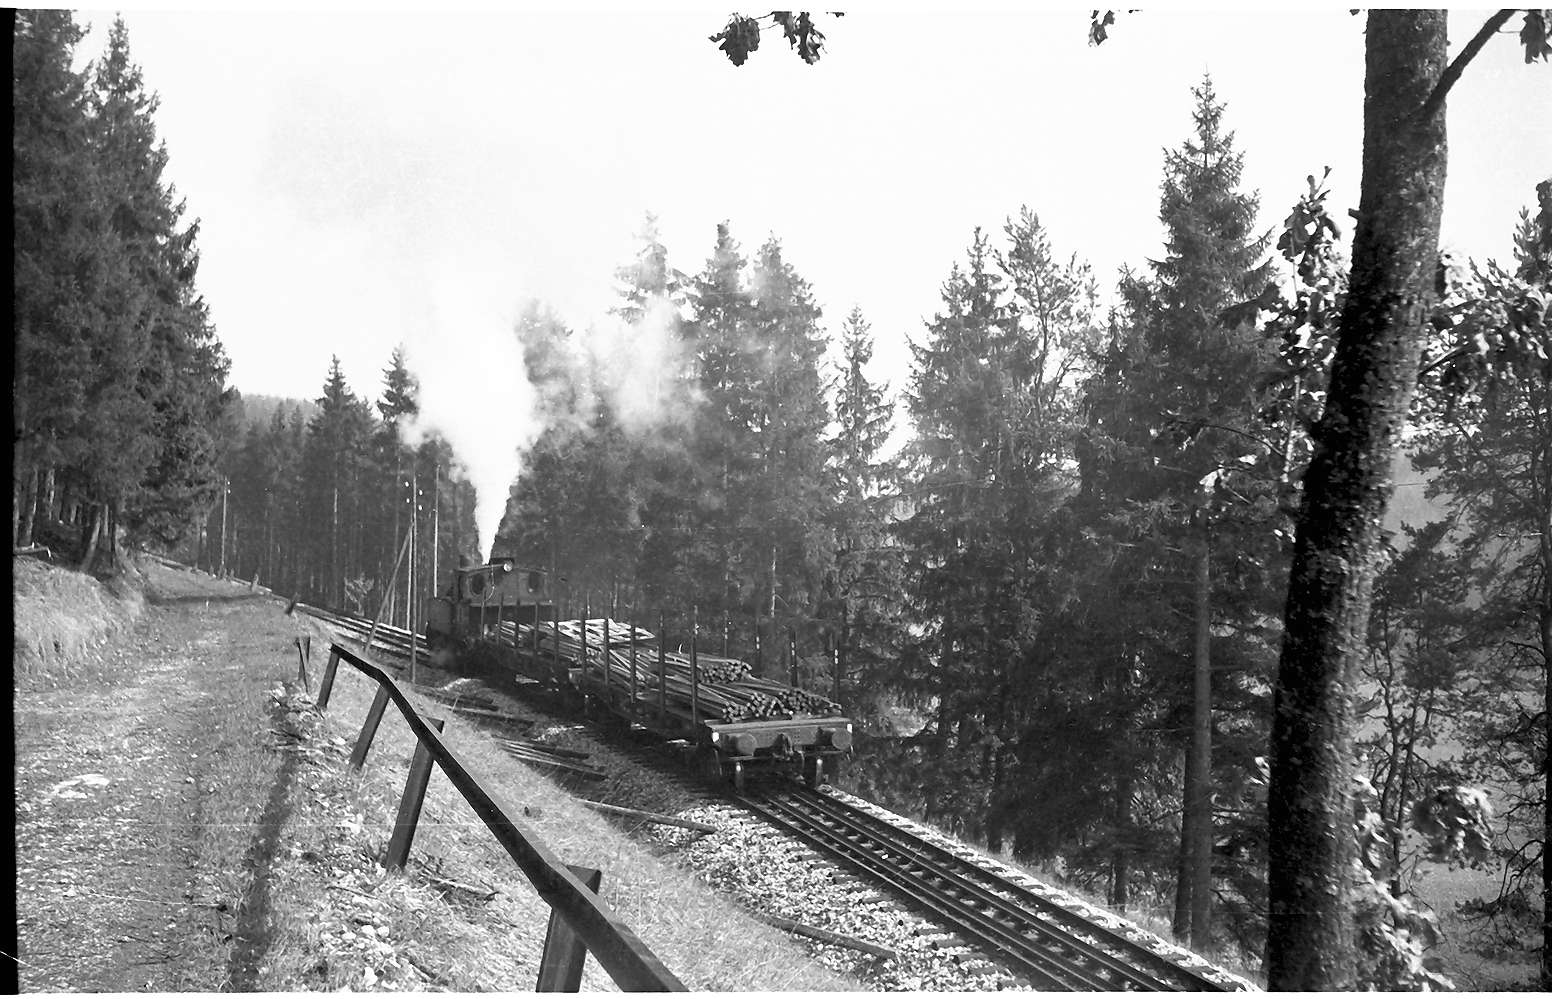 Lok 12, Strecke Gammertingen - Neufra, Steigung 1:40, altes Bahngeländer, Bild 1